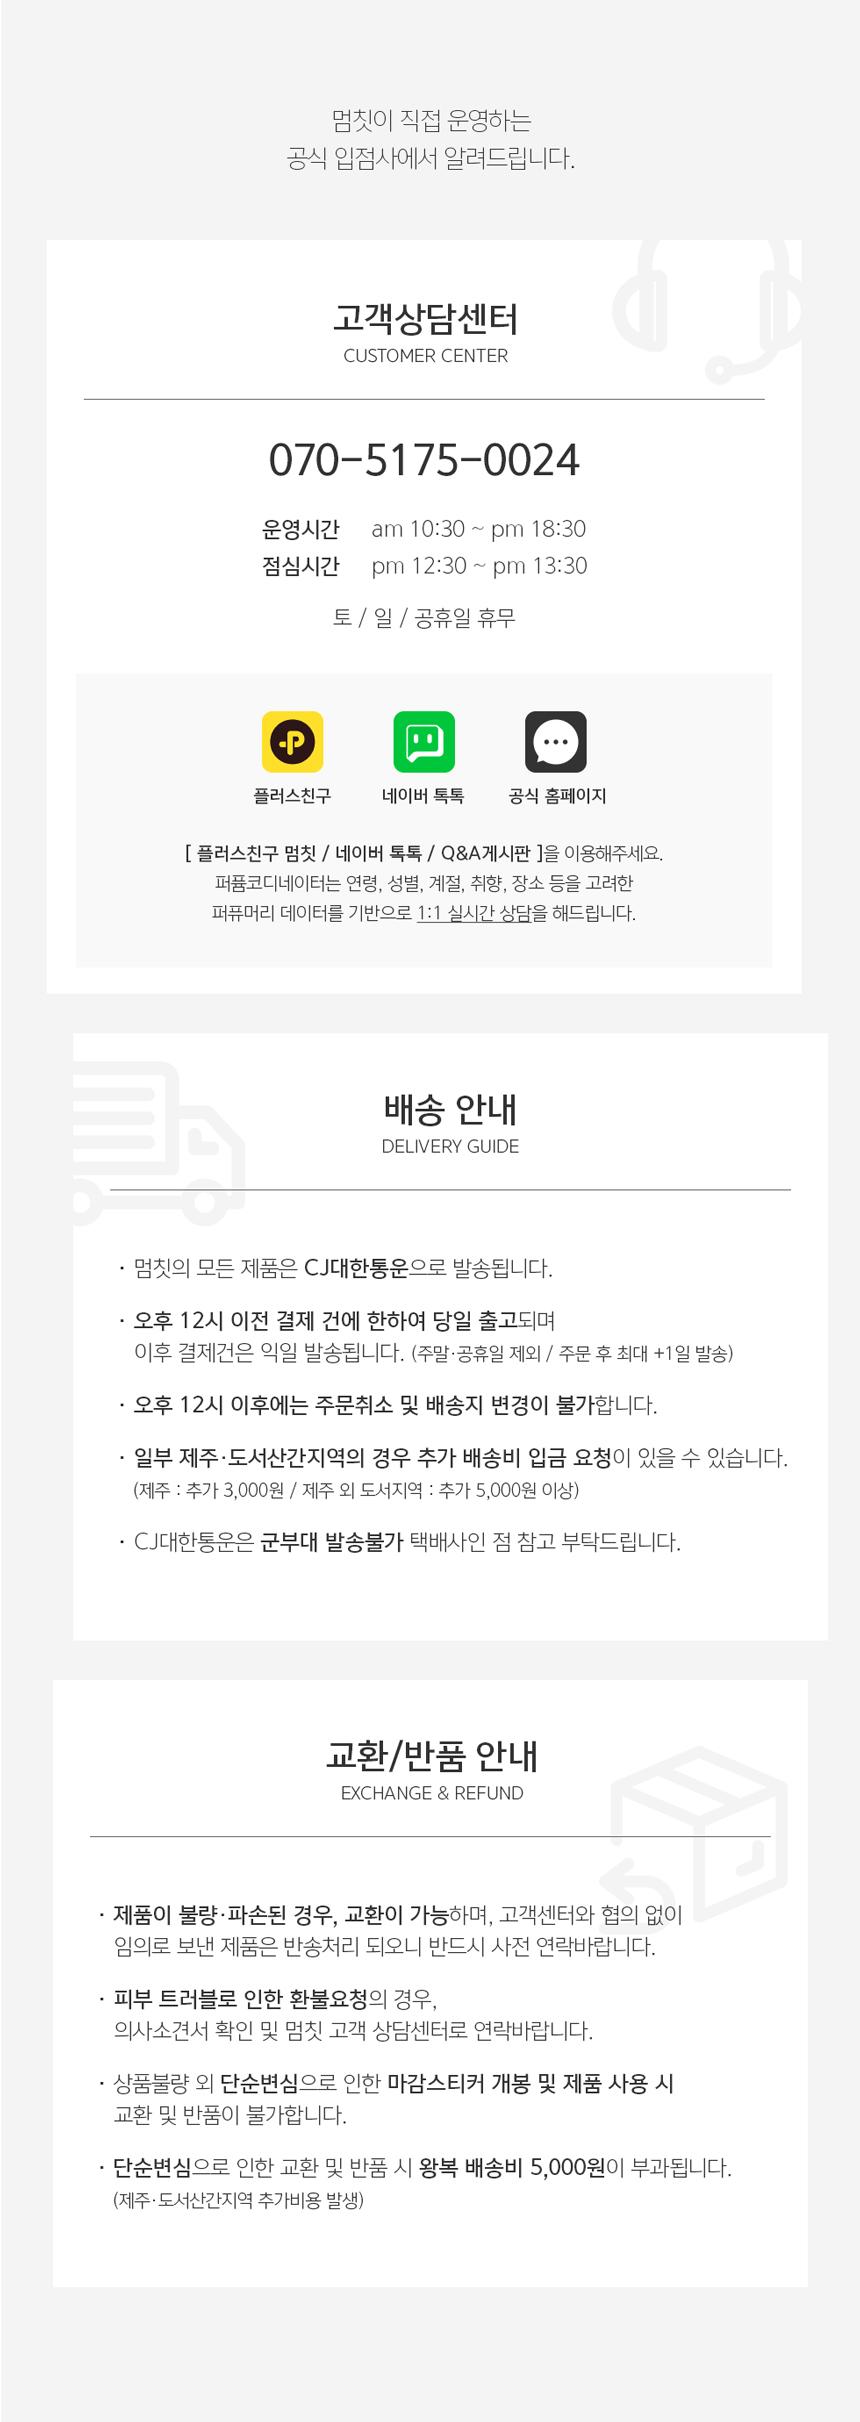 멈칫 고보습 핸드크림50ml - 멈칫, 5,600원, 바디케어, 핸드/풋크림